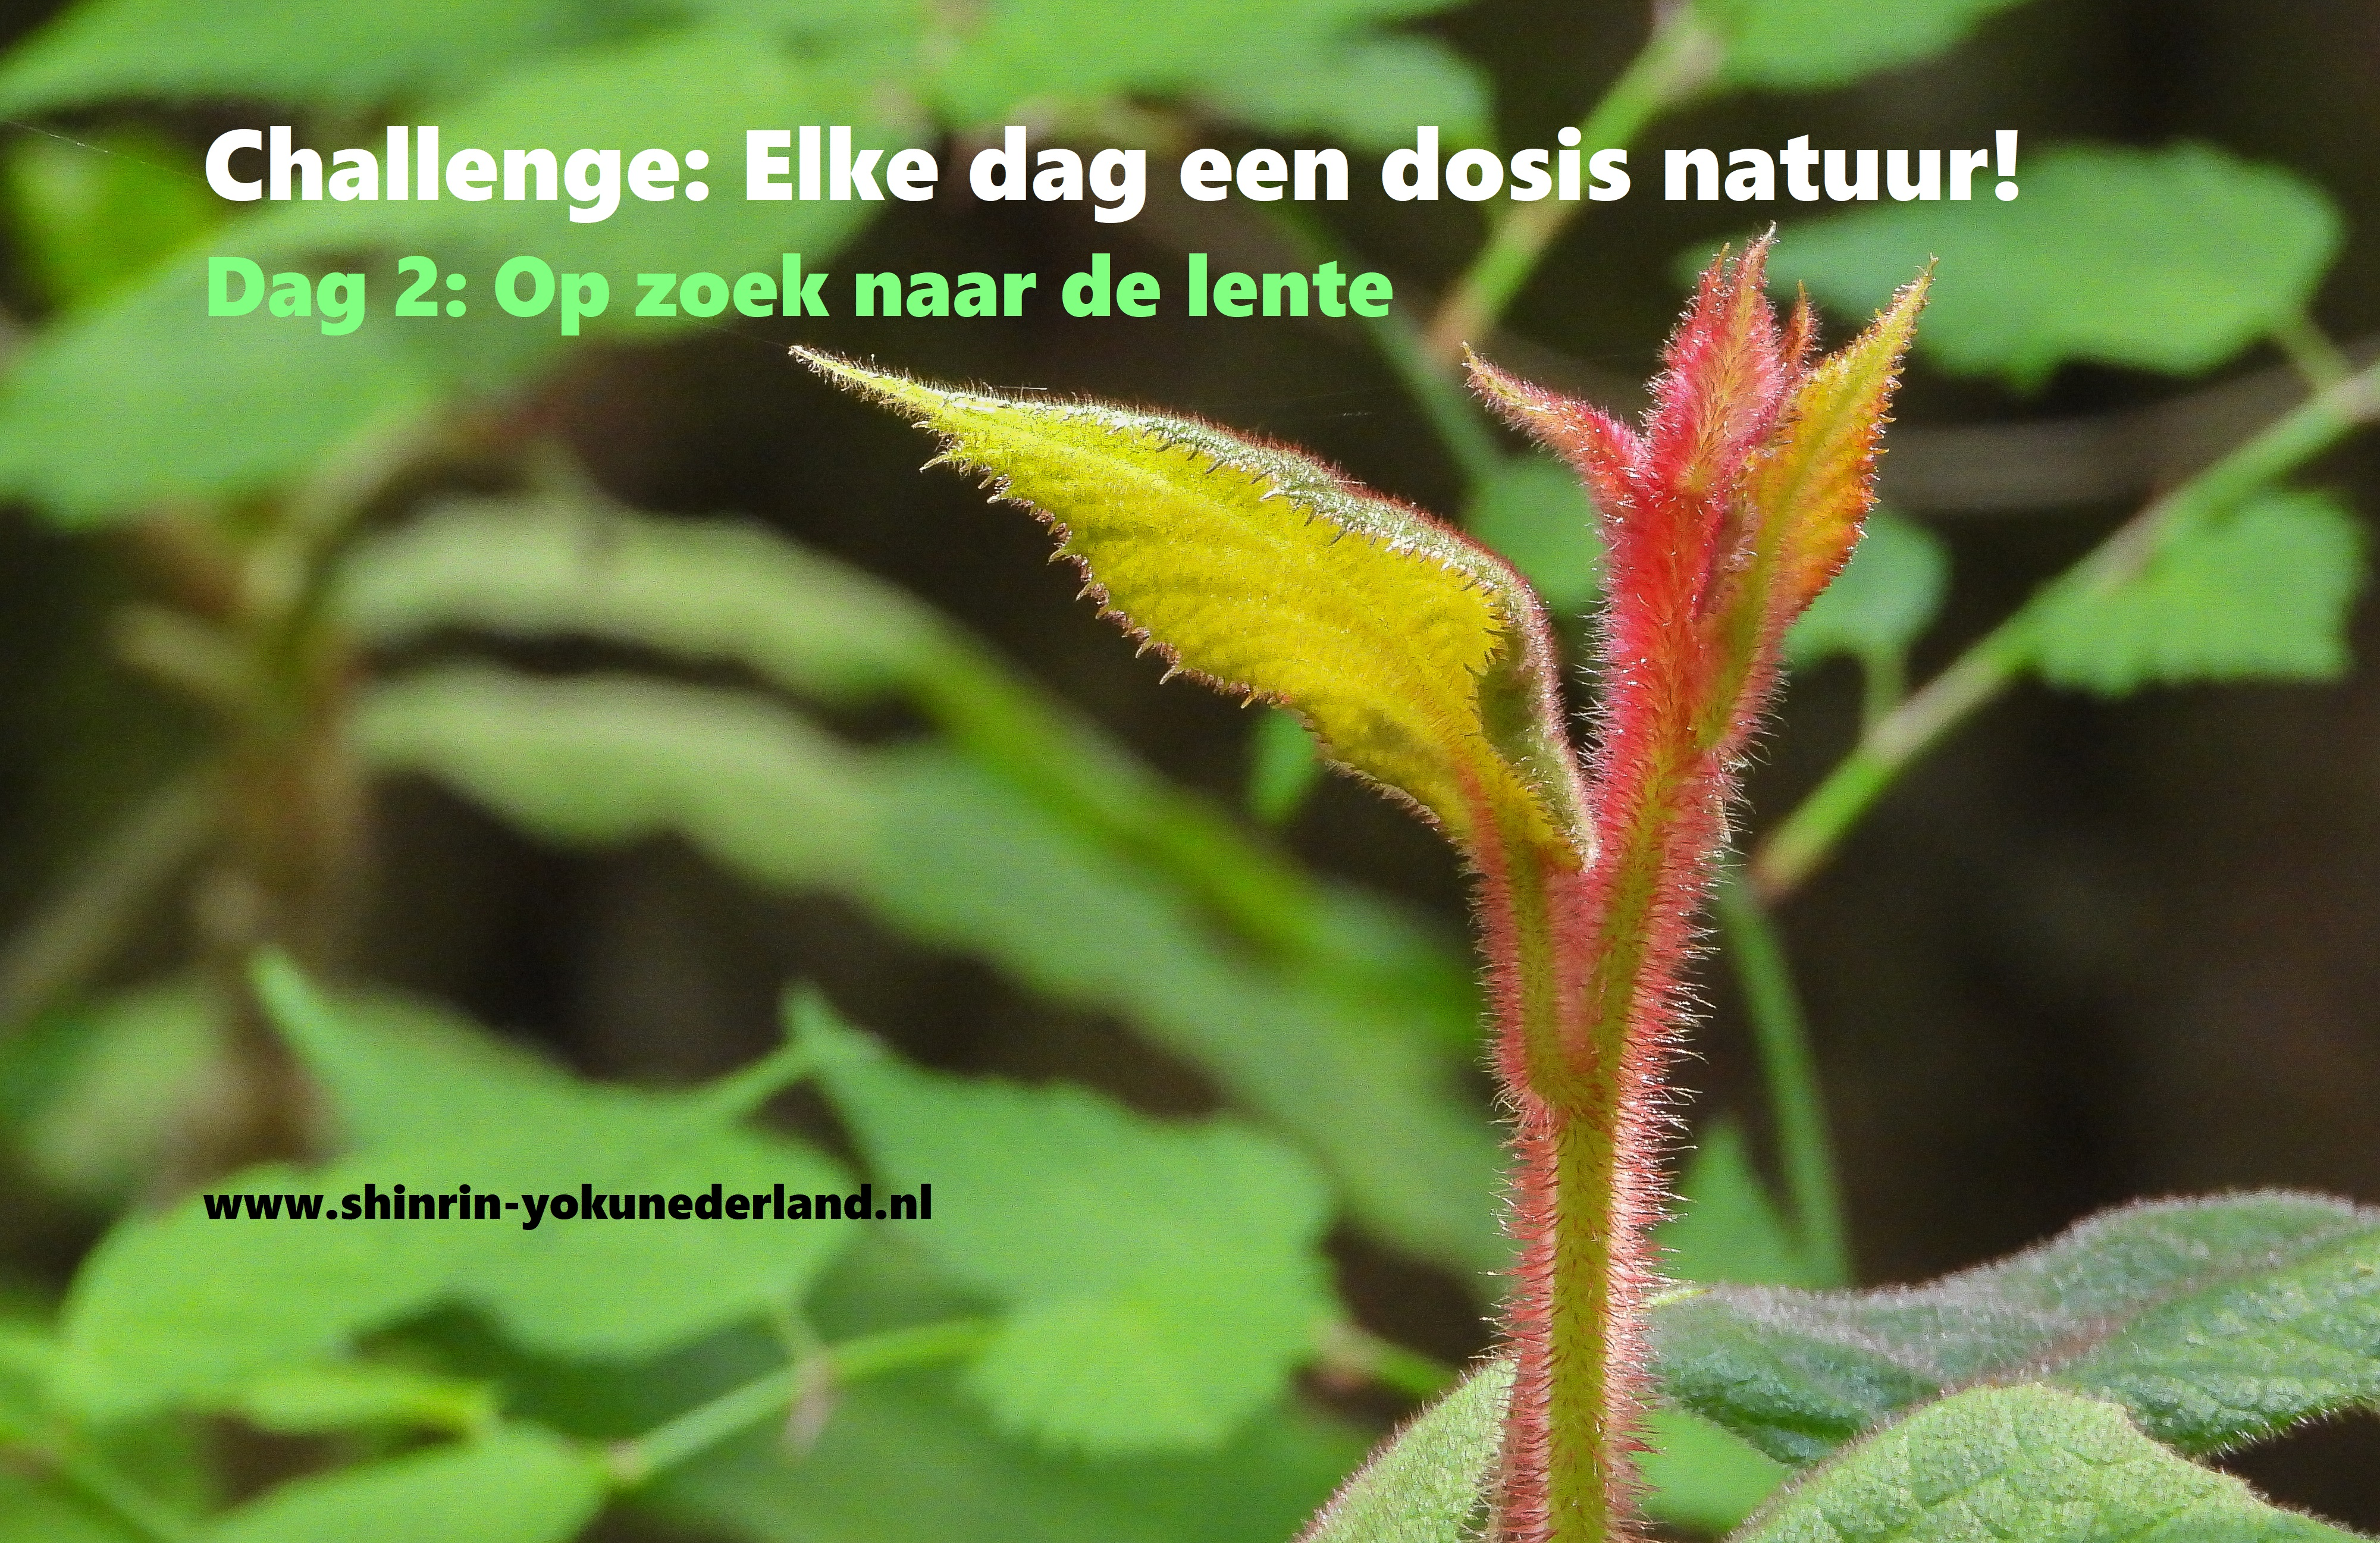 Challenge dag 2: Op zoek naar de lente